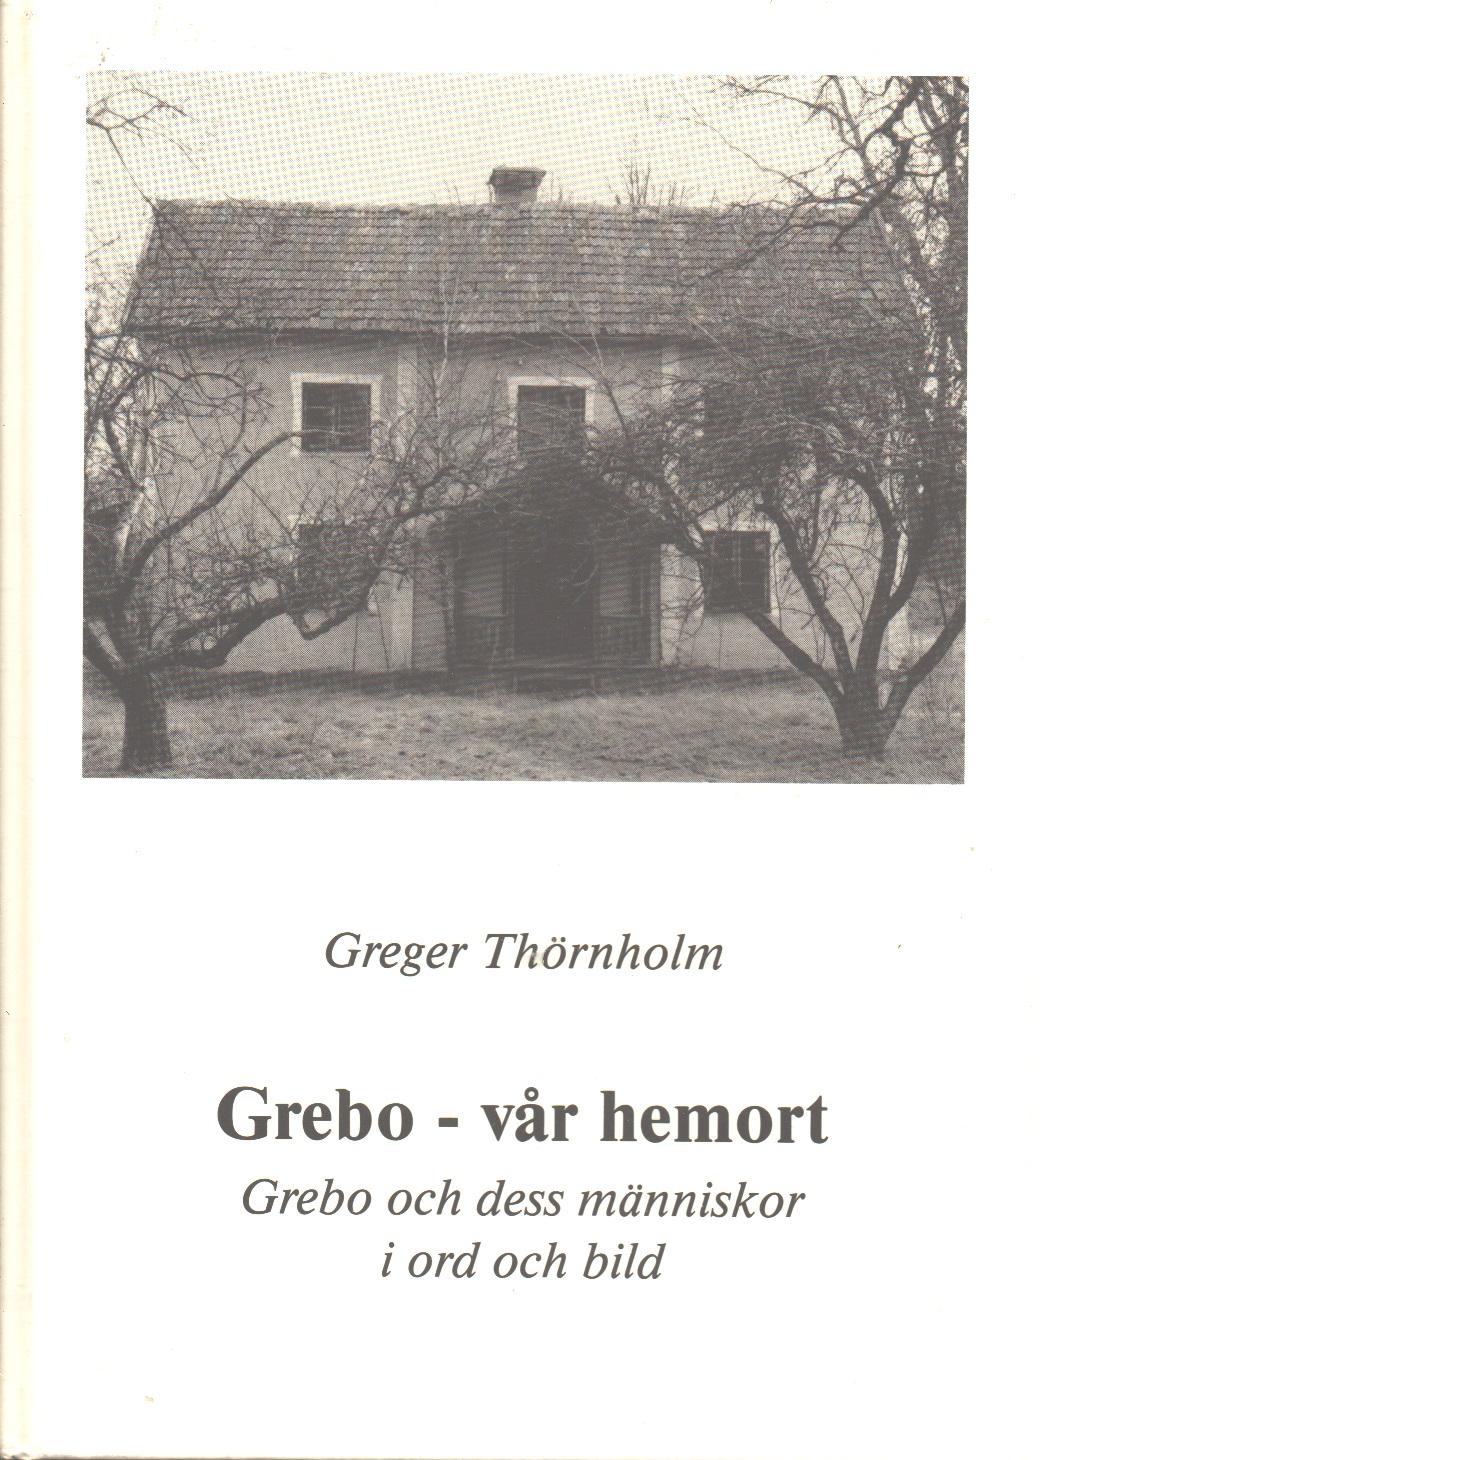 Grebo - vår hemort : Grebo och dess människor i ord och bild - Thörnholm, Greger